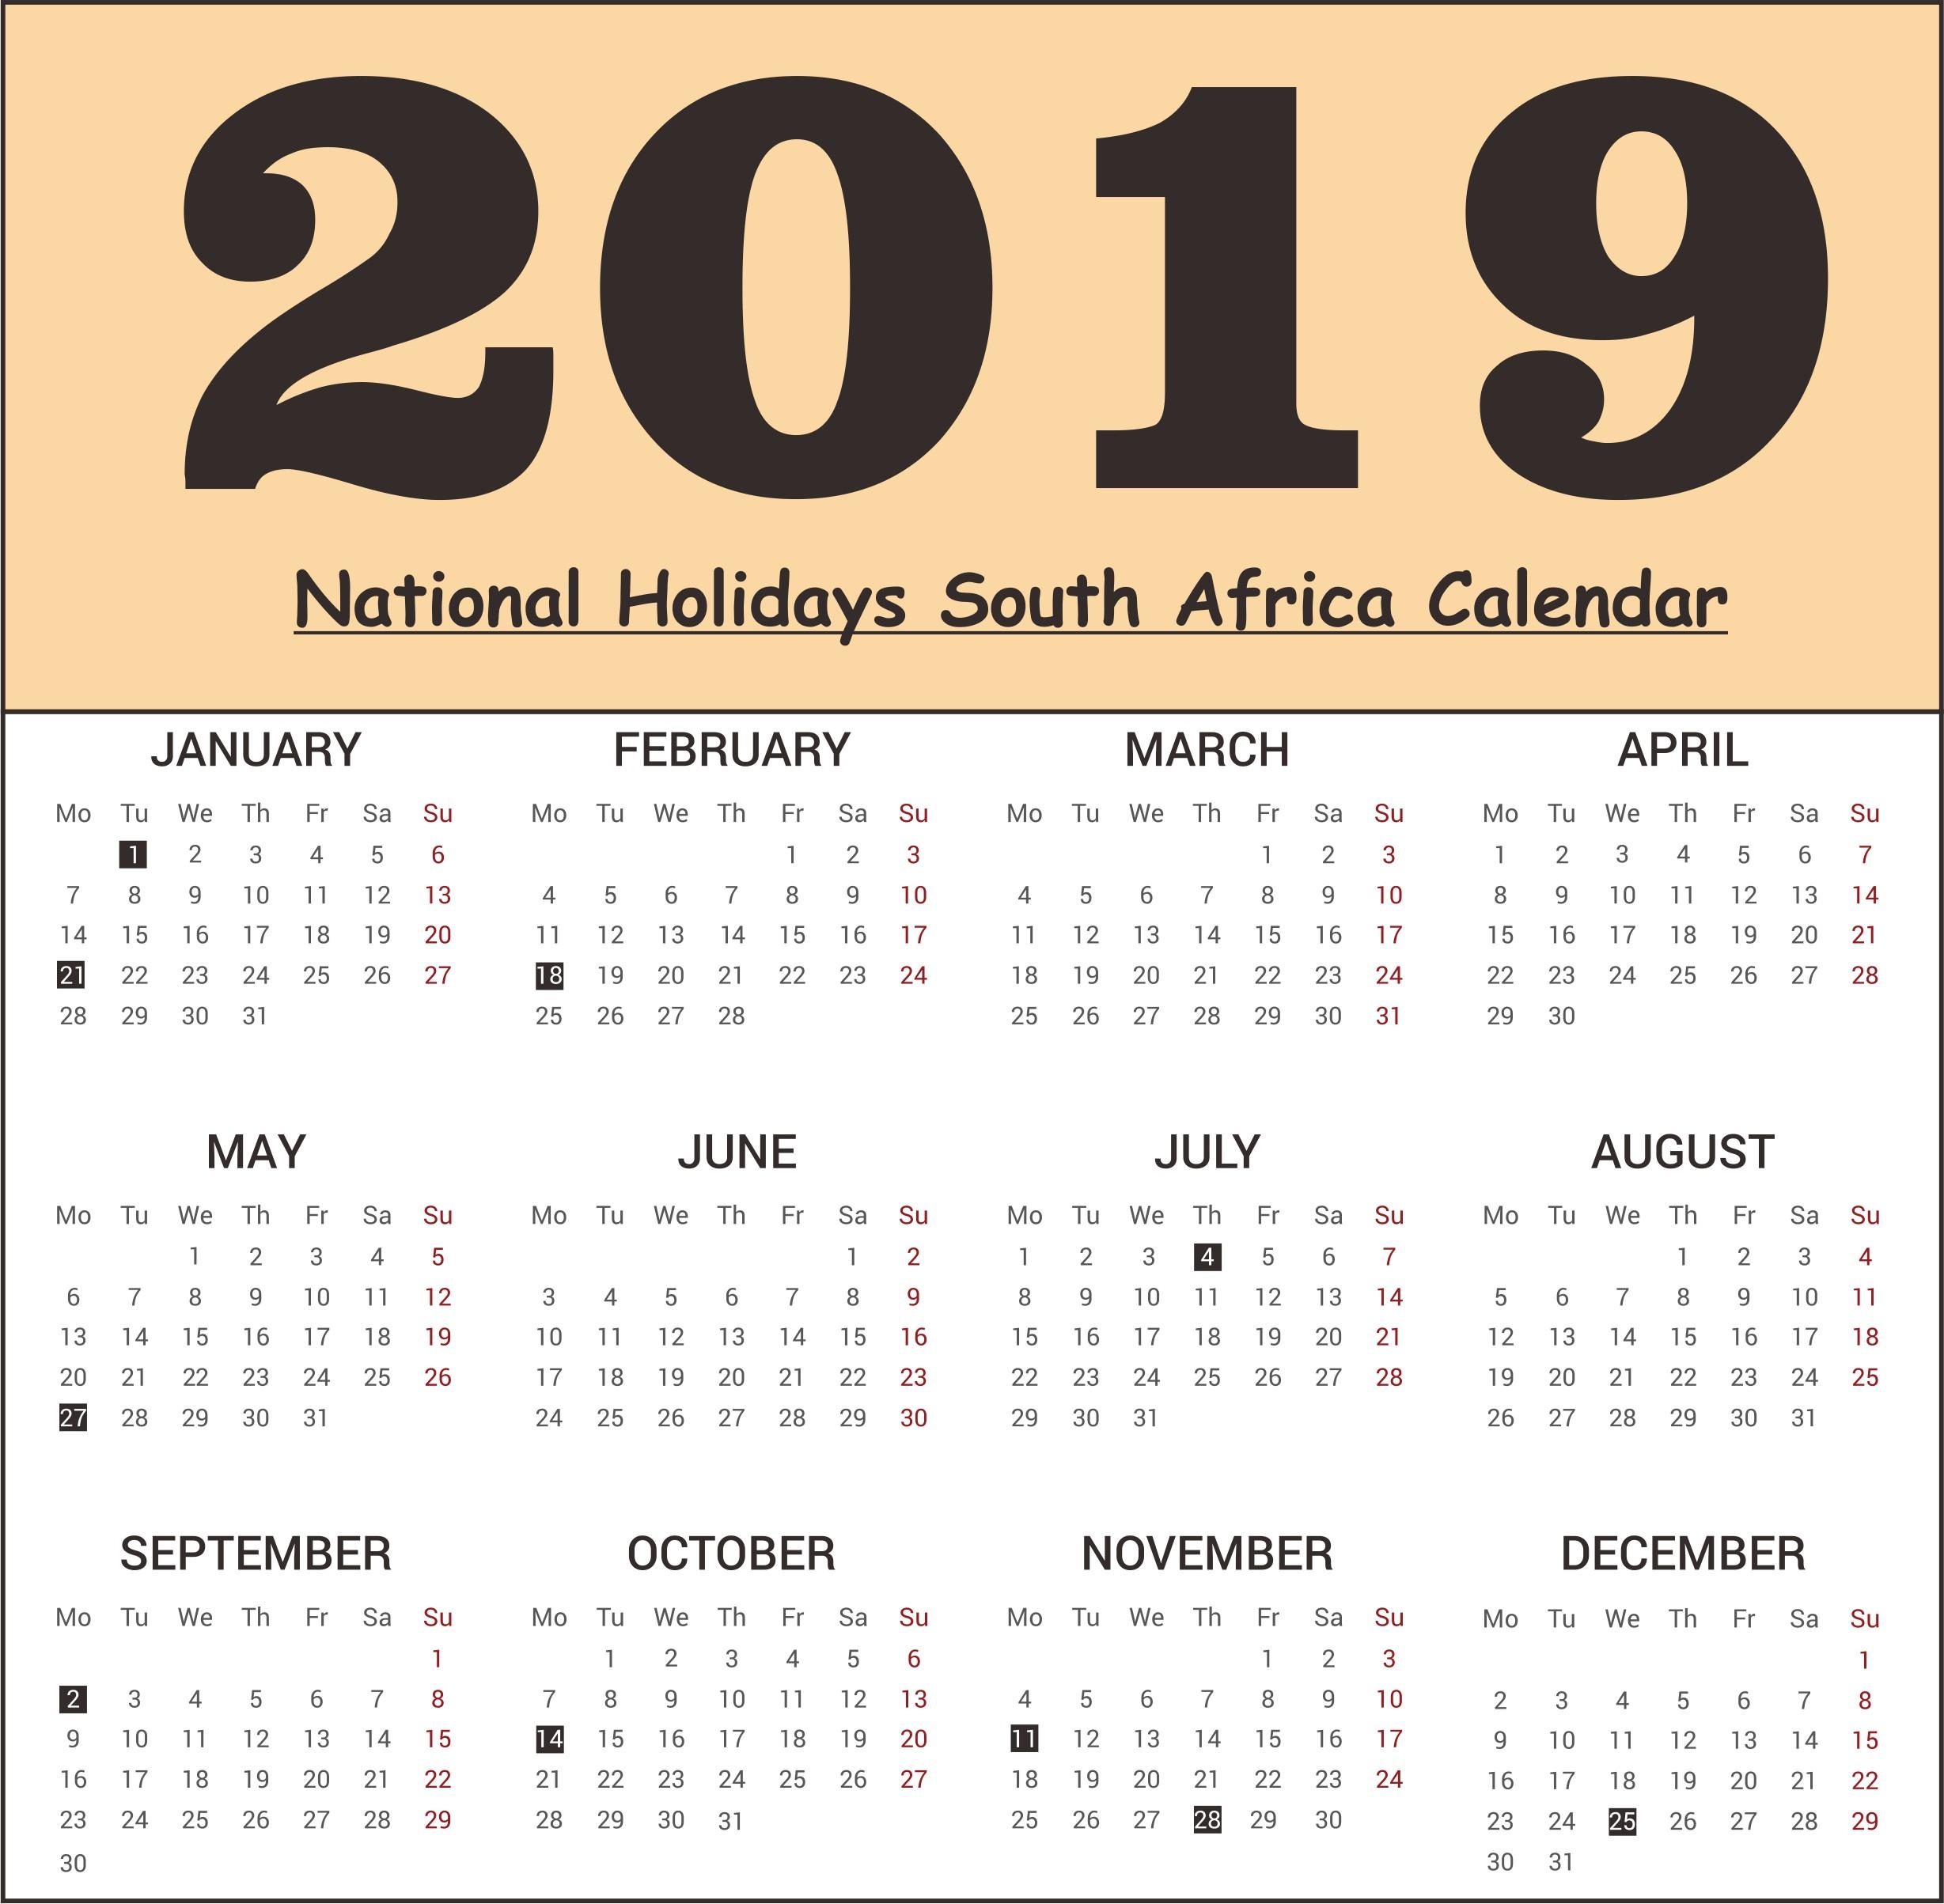 March 2019 Calendar Lala Ramswaroop Más Actual Free Calendar Template 2019 Australia Of March 2019 Calendar Lala Ramswaroop Más Recientemente Liberado Media to Get Lala Ramswaroop Calendar 2019 Pdf Download Calendar